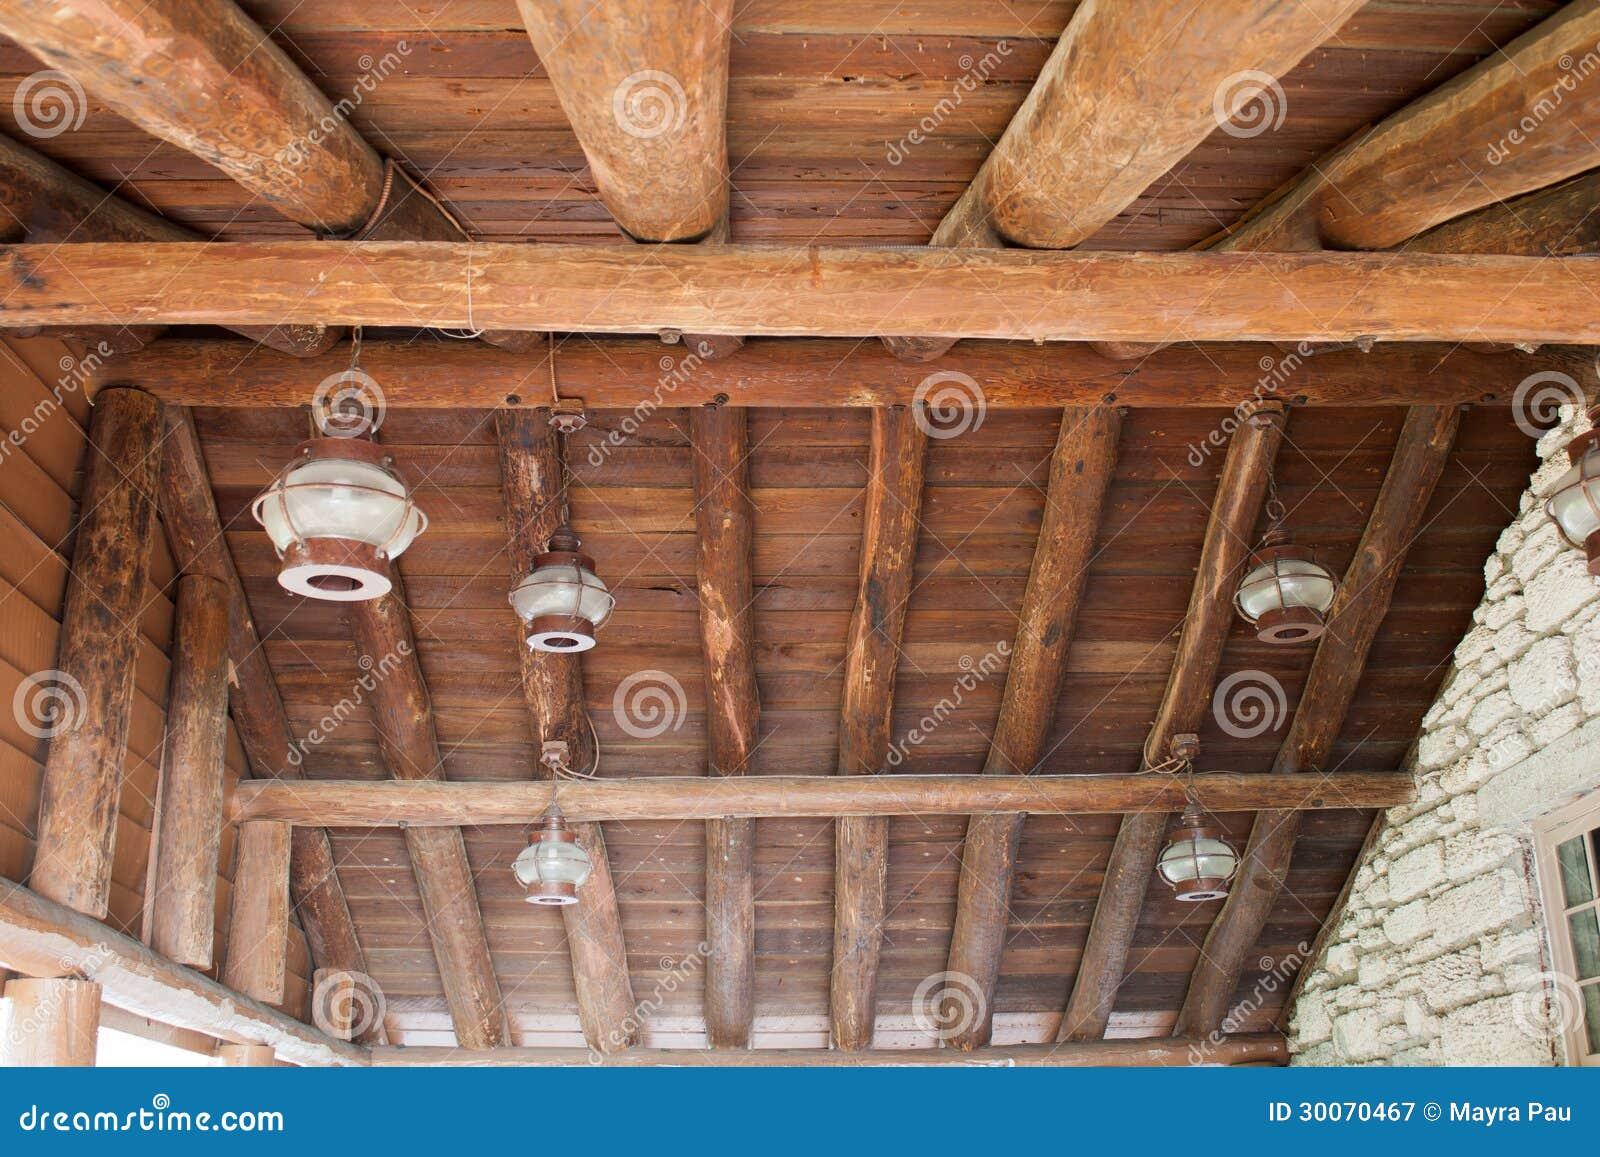 Luci per tetto in legno trendy case con soffitti in legno con per